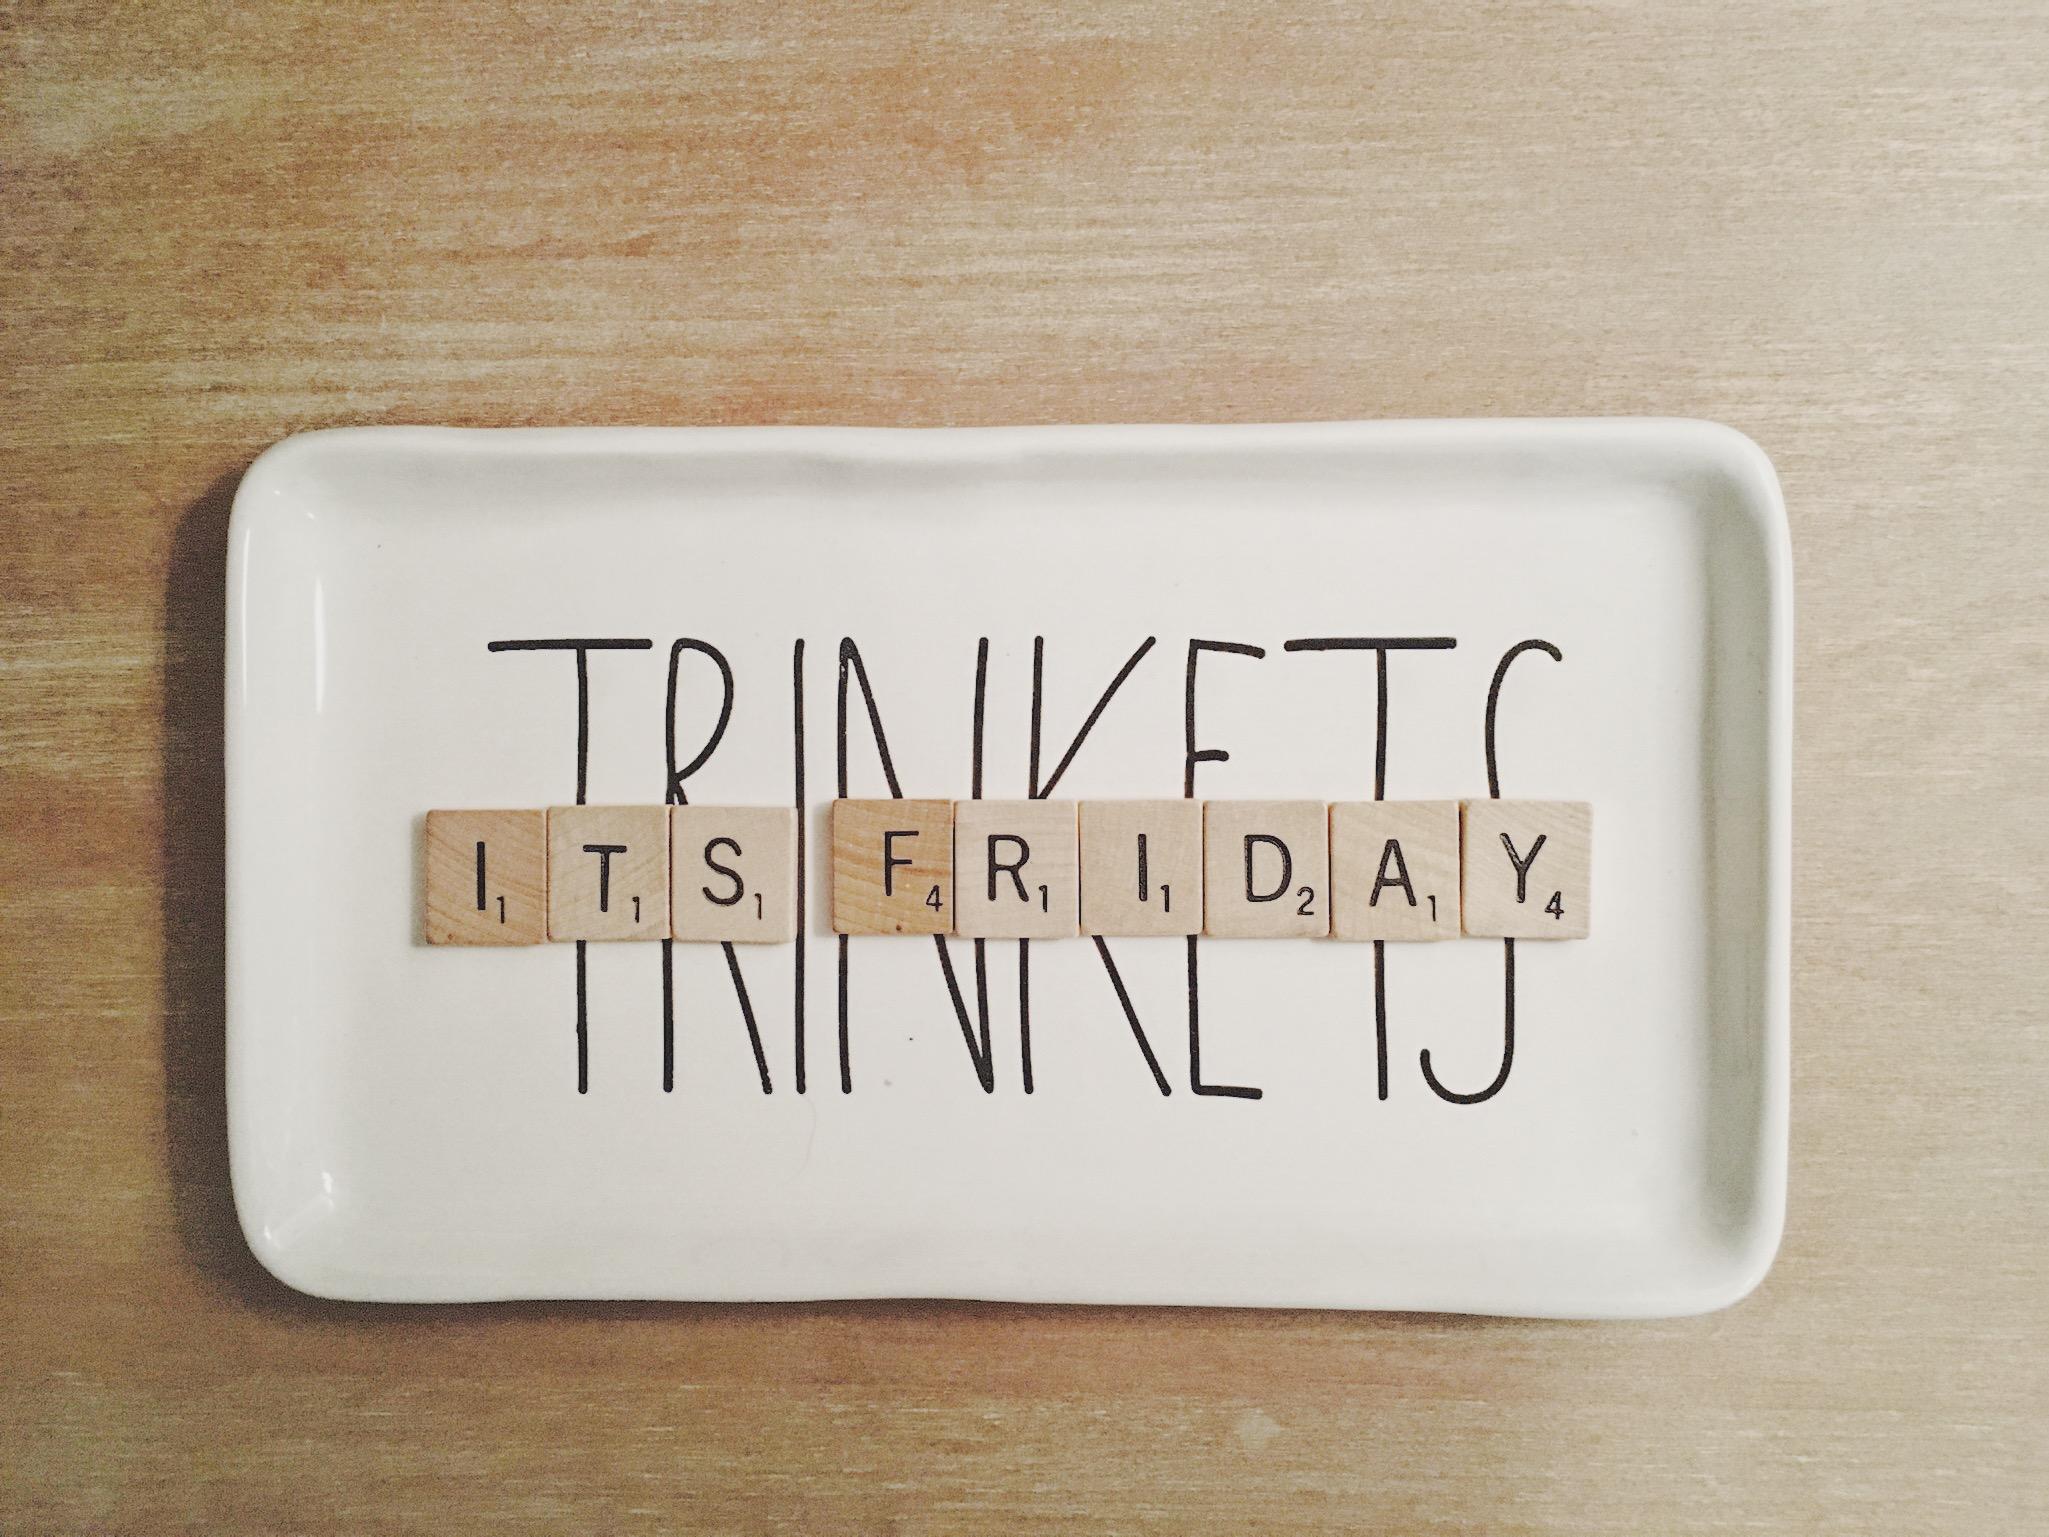 Scrabble tiles on Rae Dunn trinkets